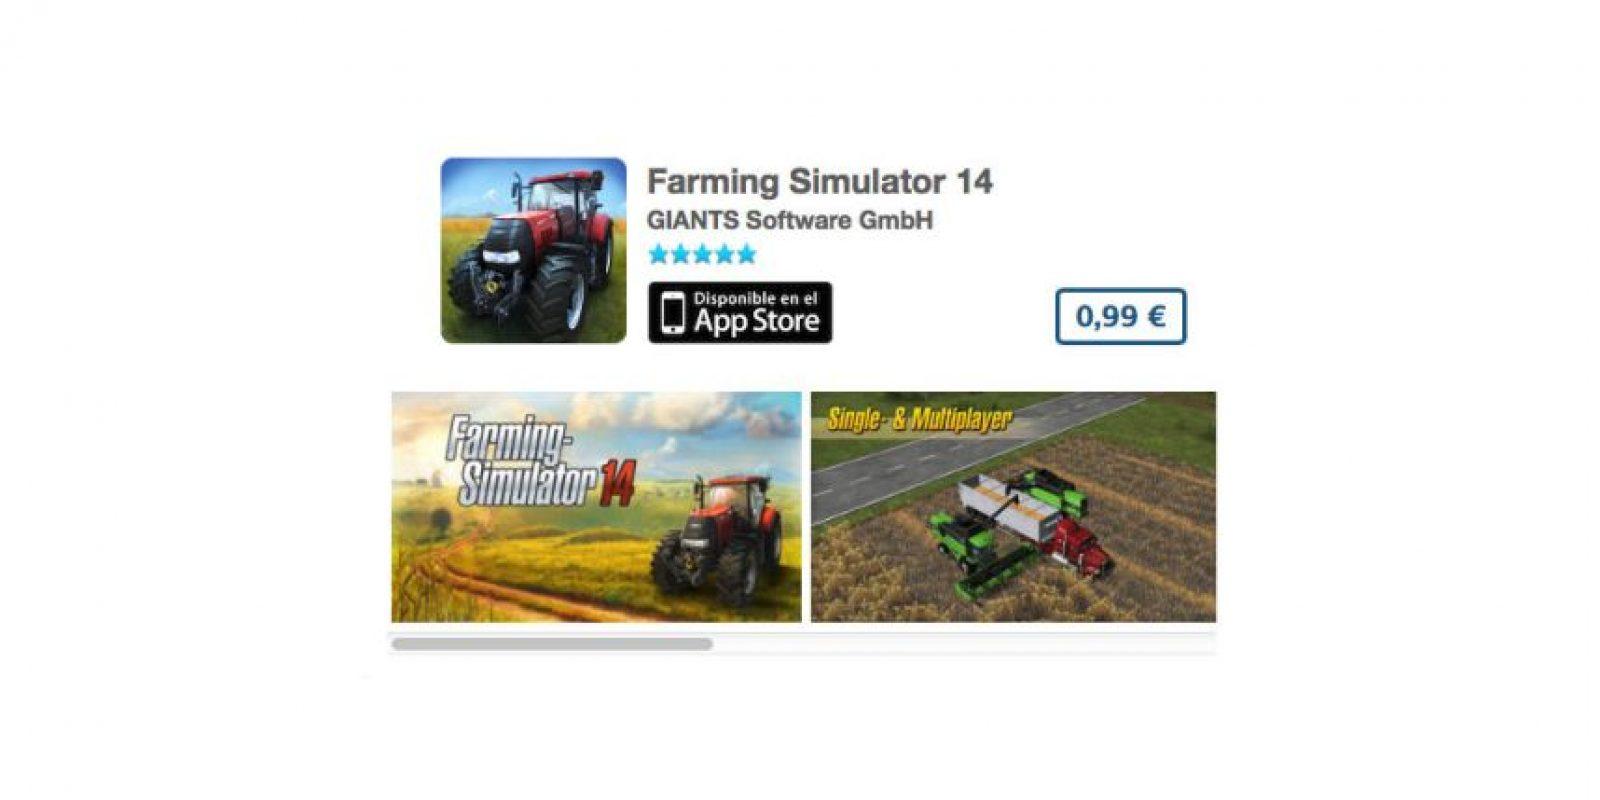 Farming Simulator 14. De GIANTS Software GmbH, es un simulador para resolver distintos retos usando un tractor de campo. Precio un dólar Foto:iTunes